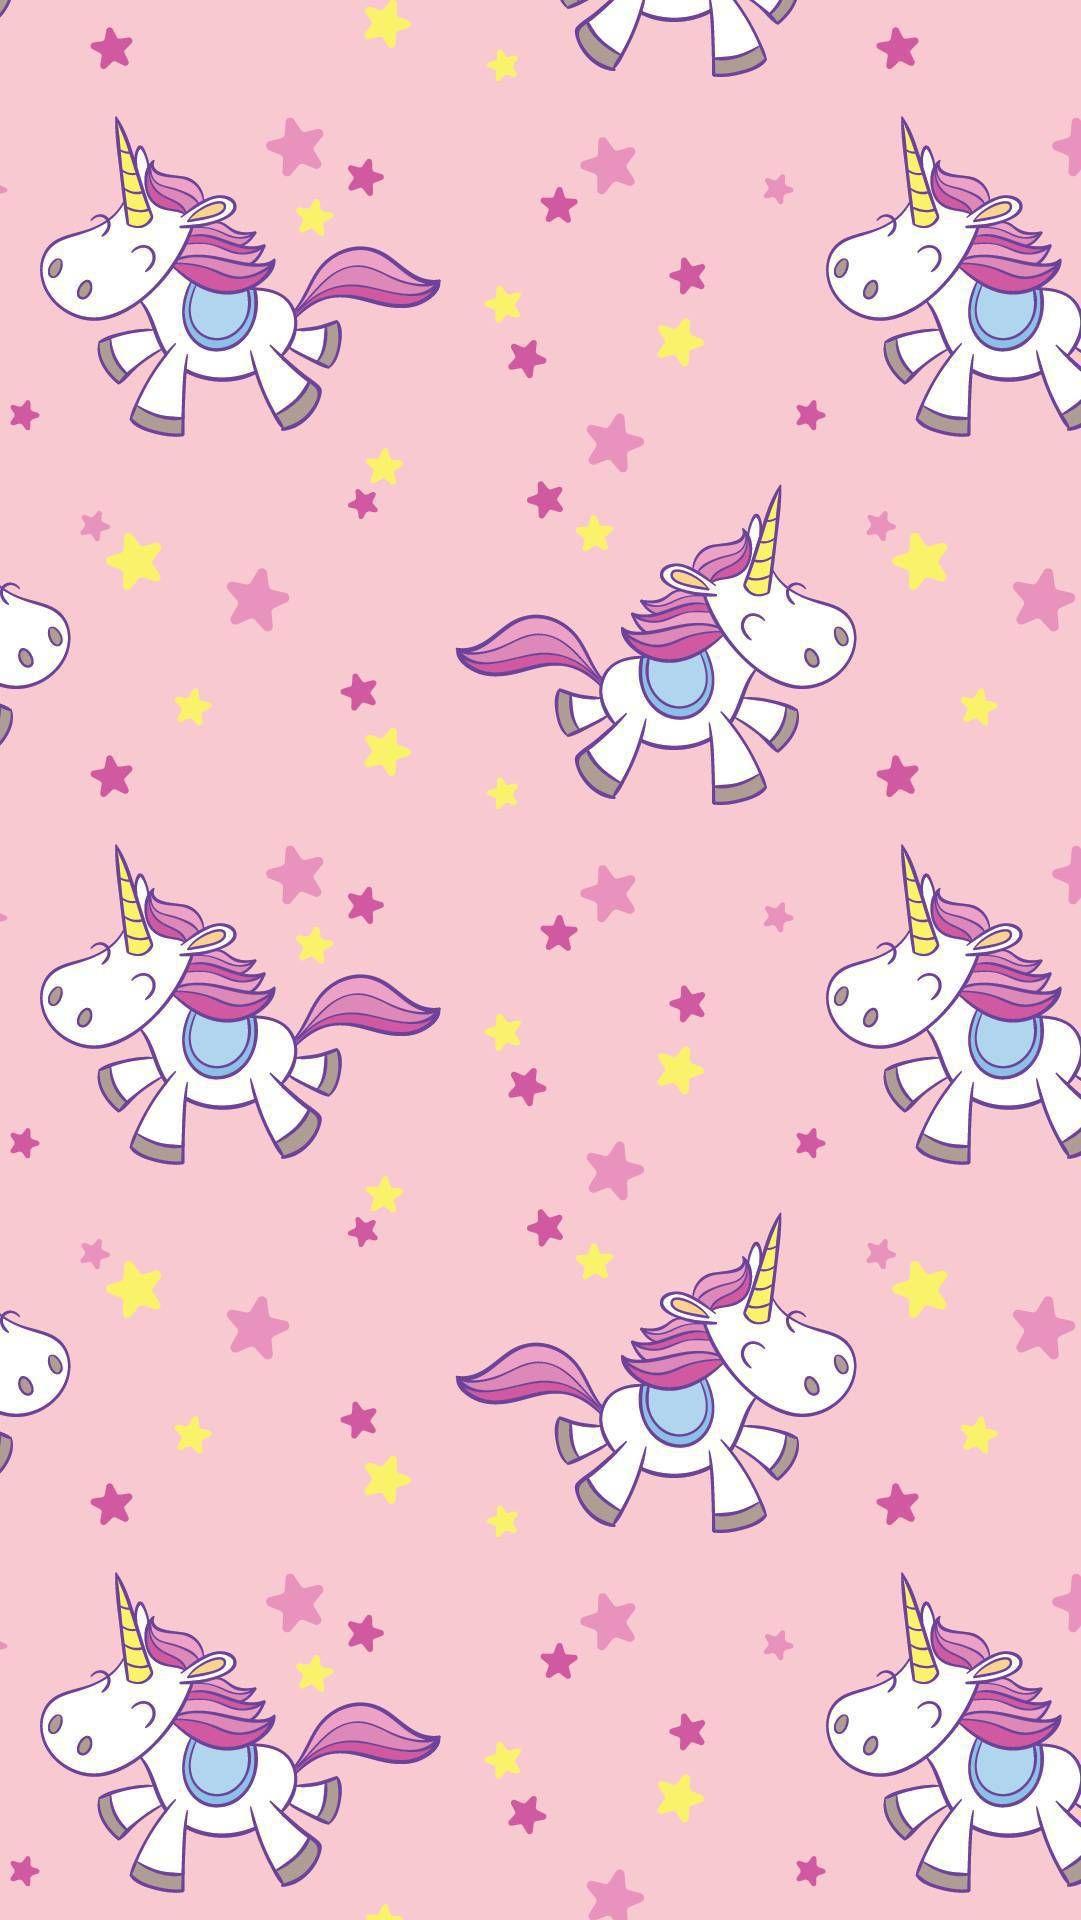 Wallpaper De Unicornios Fofos Para Celular E Whatsapp Unicorn